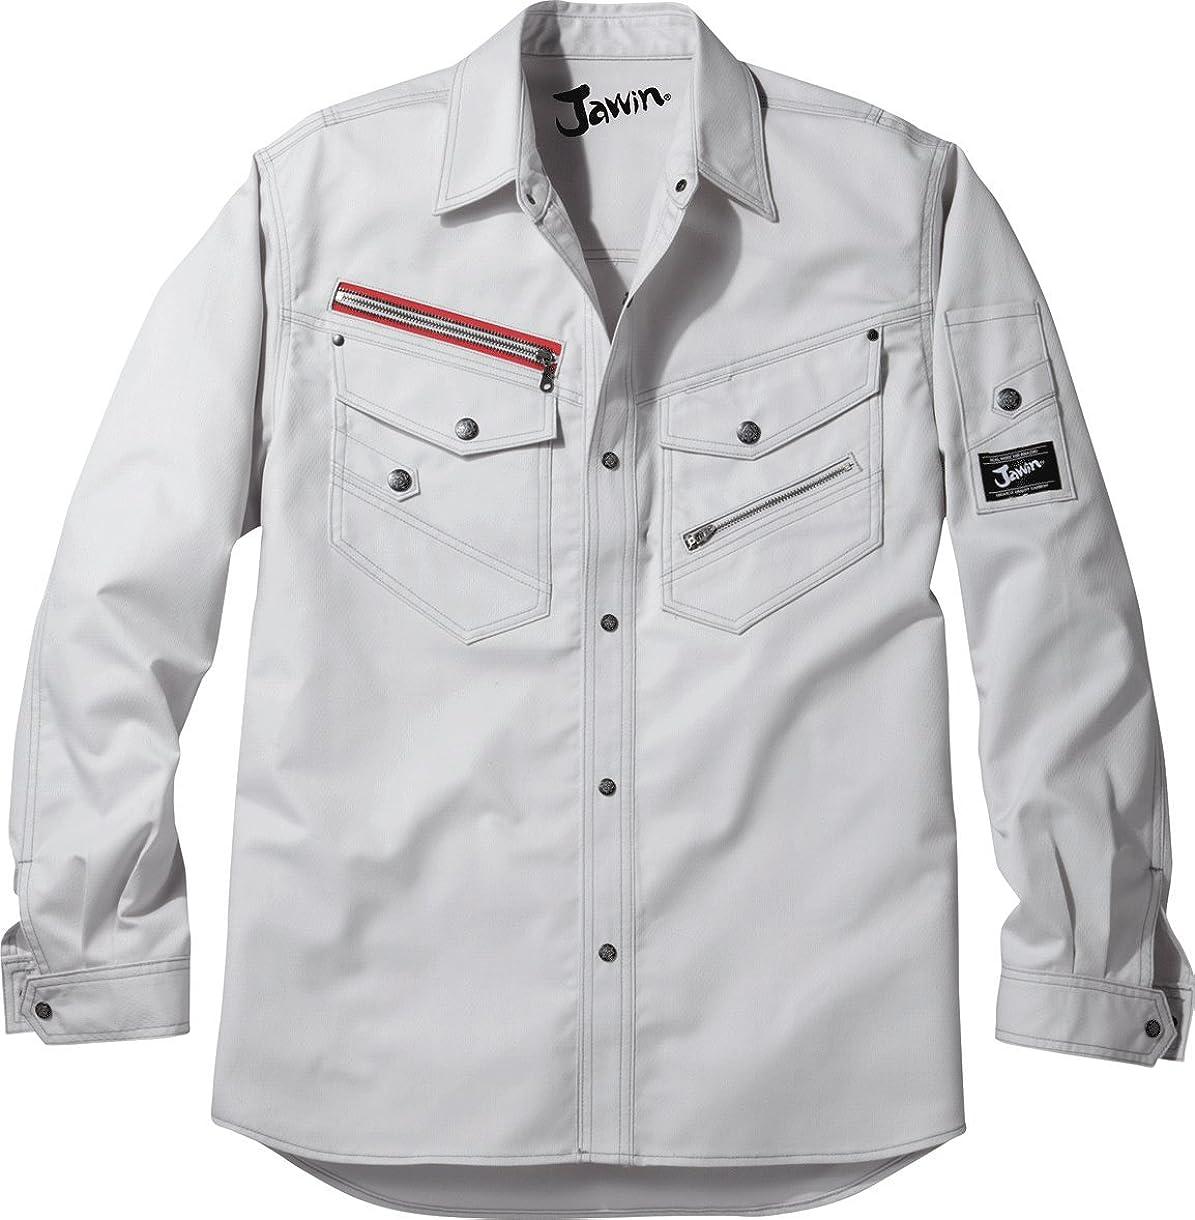 最後に省メンタリティ自重堂 Jawin 長袖シャツ 52104 シルバー Sサイズ